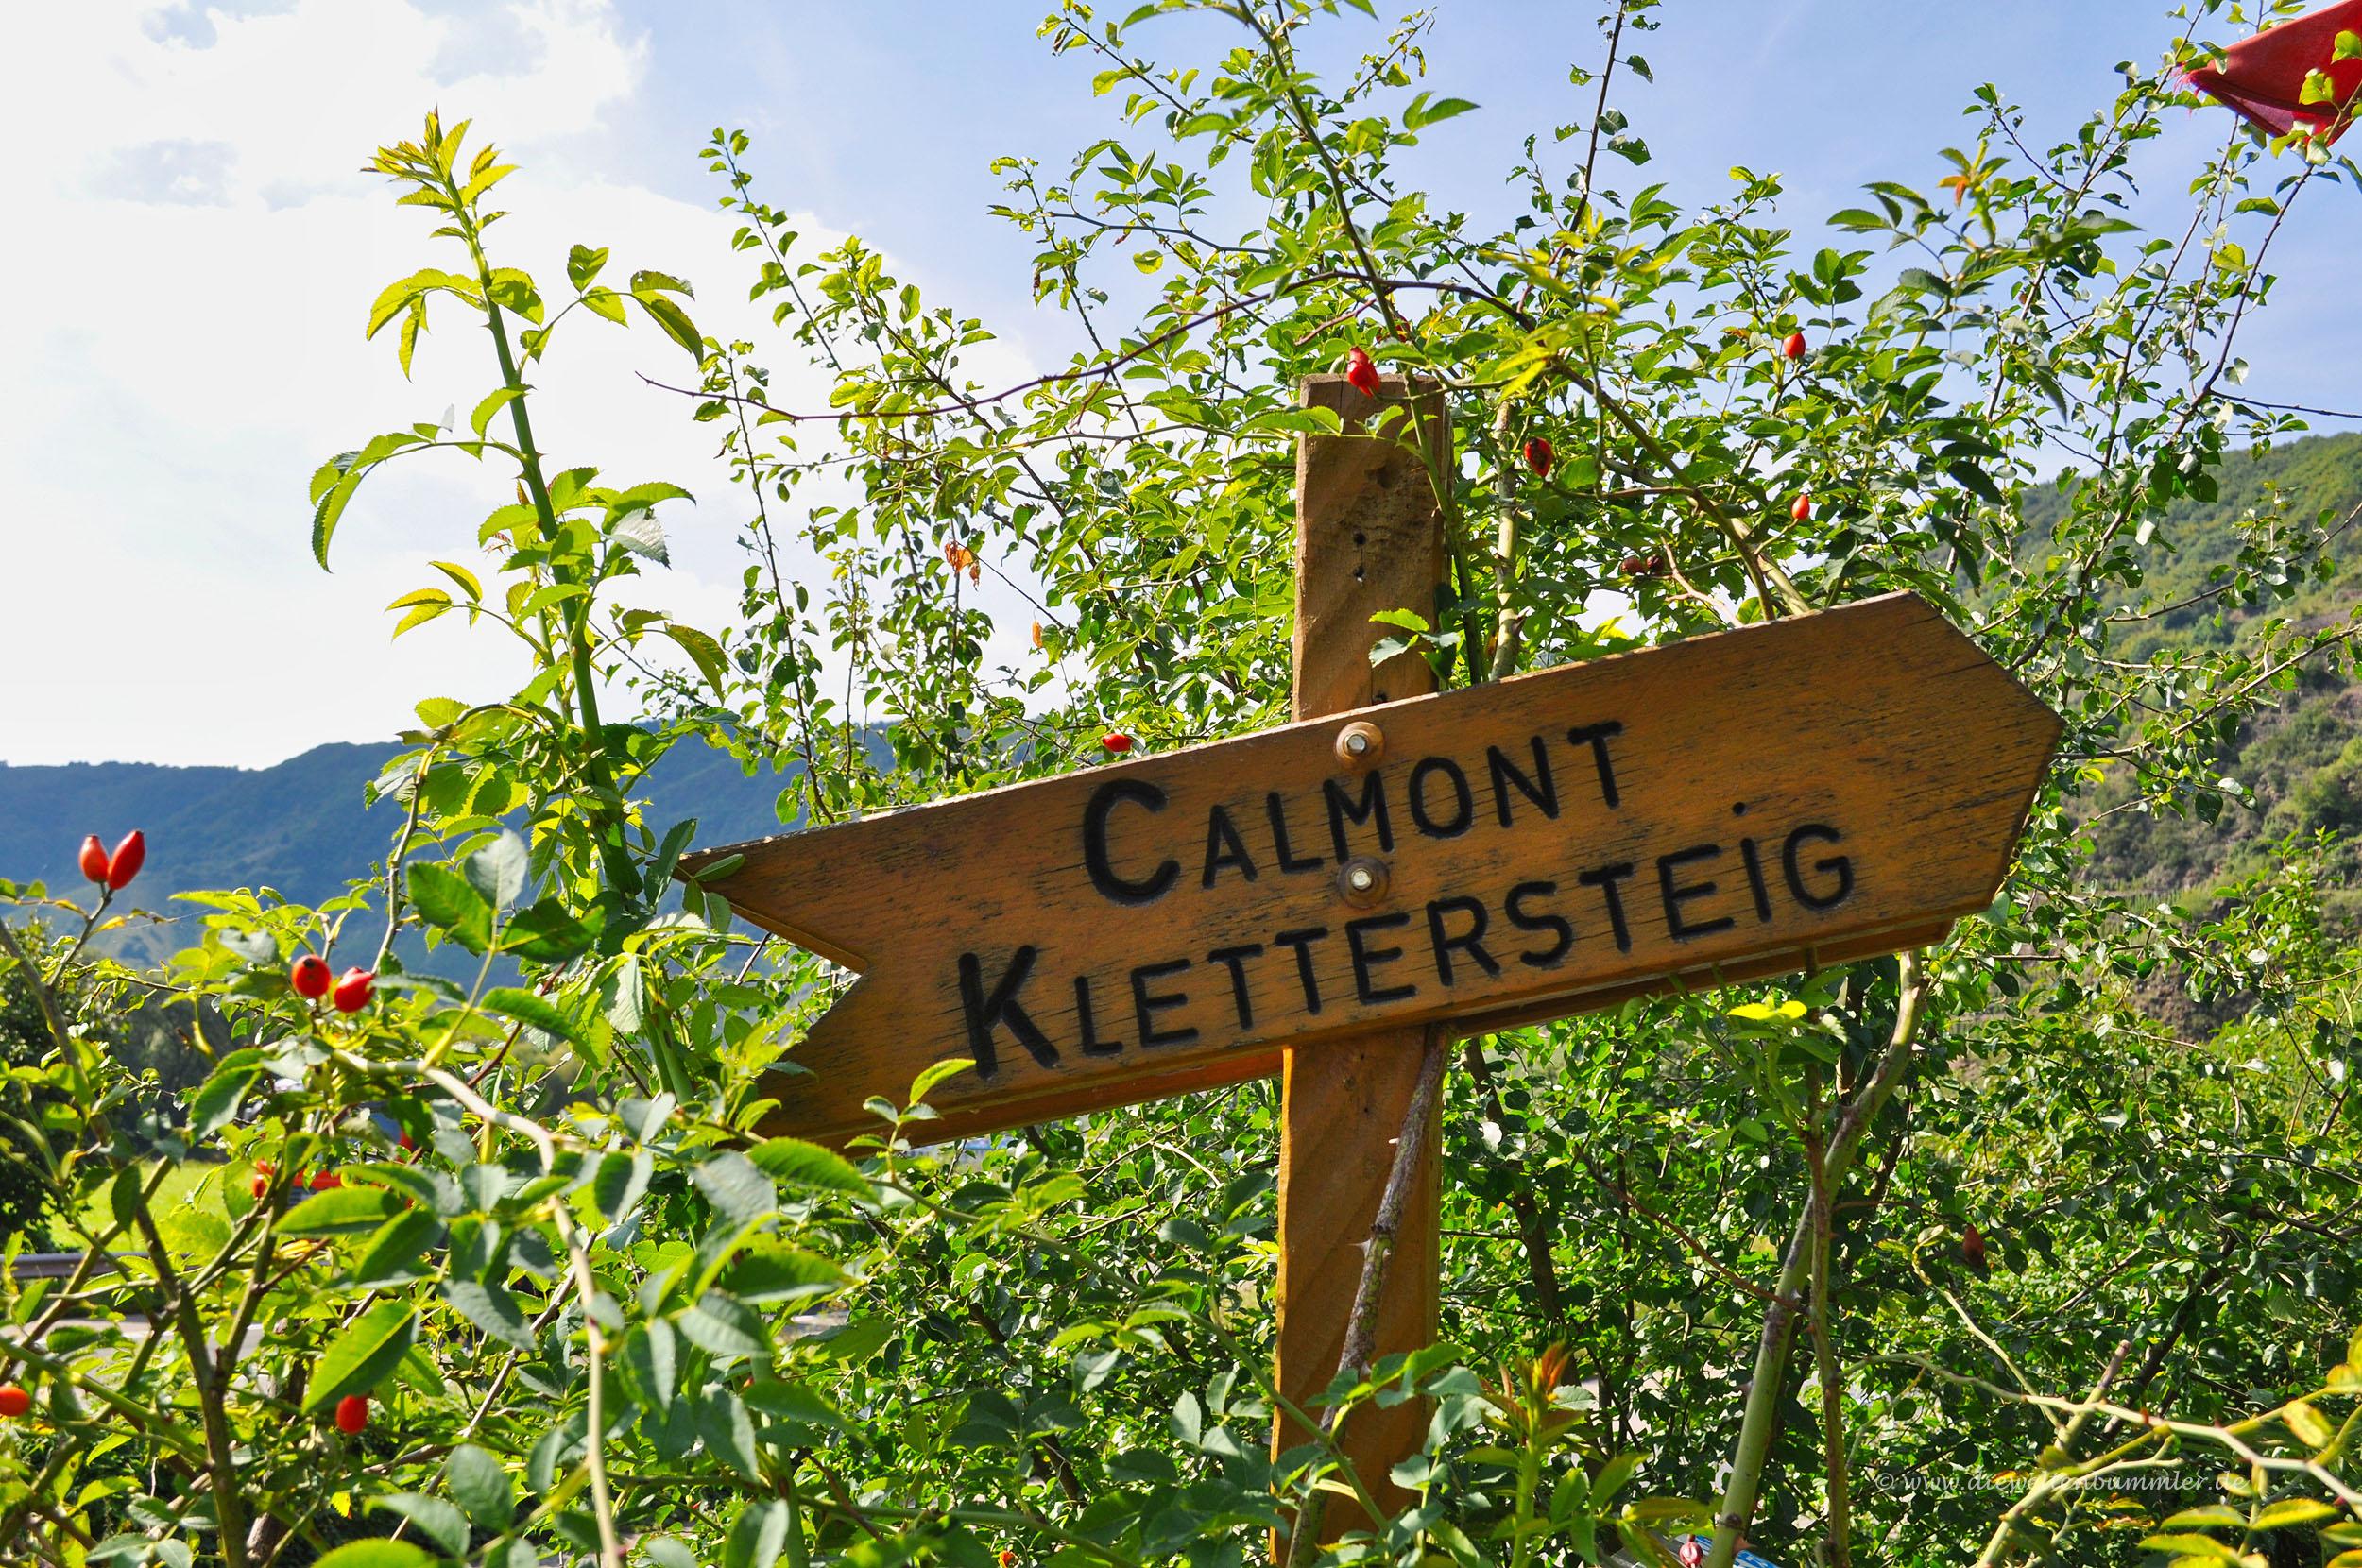 Klettersteig Calmont : Wanderung durch den calmont klettersteig die weltenbummler